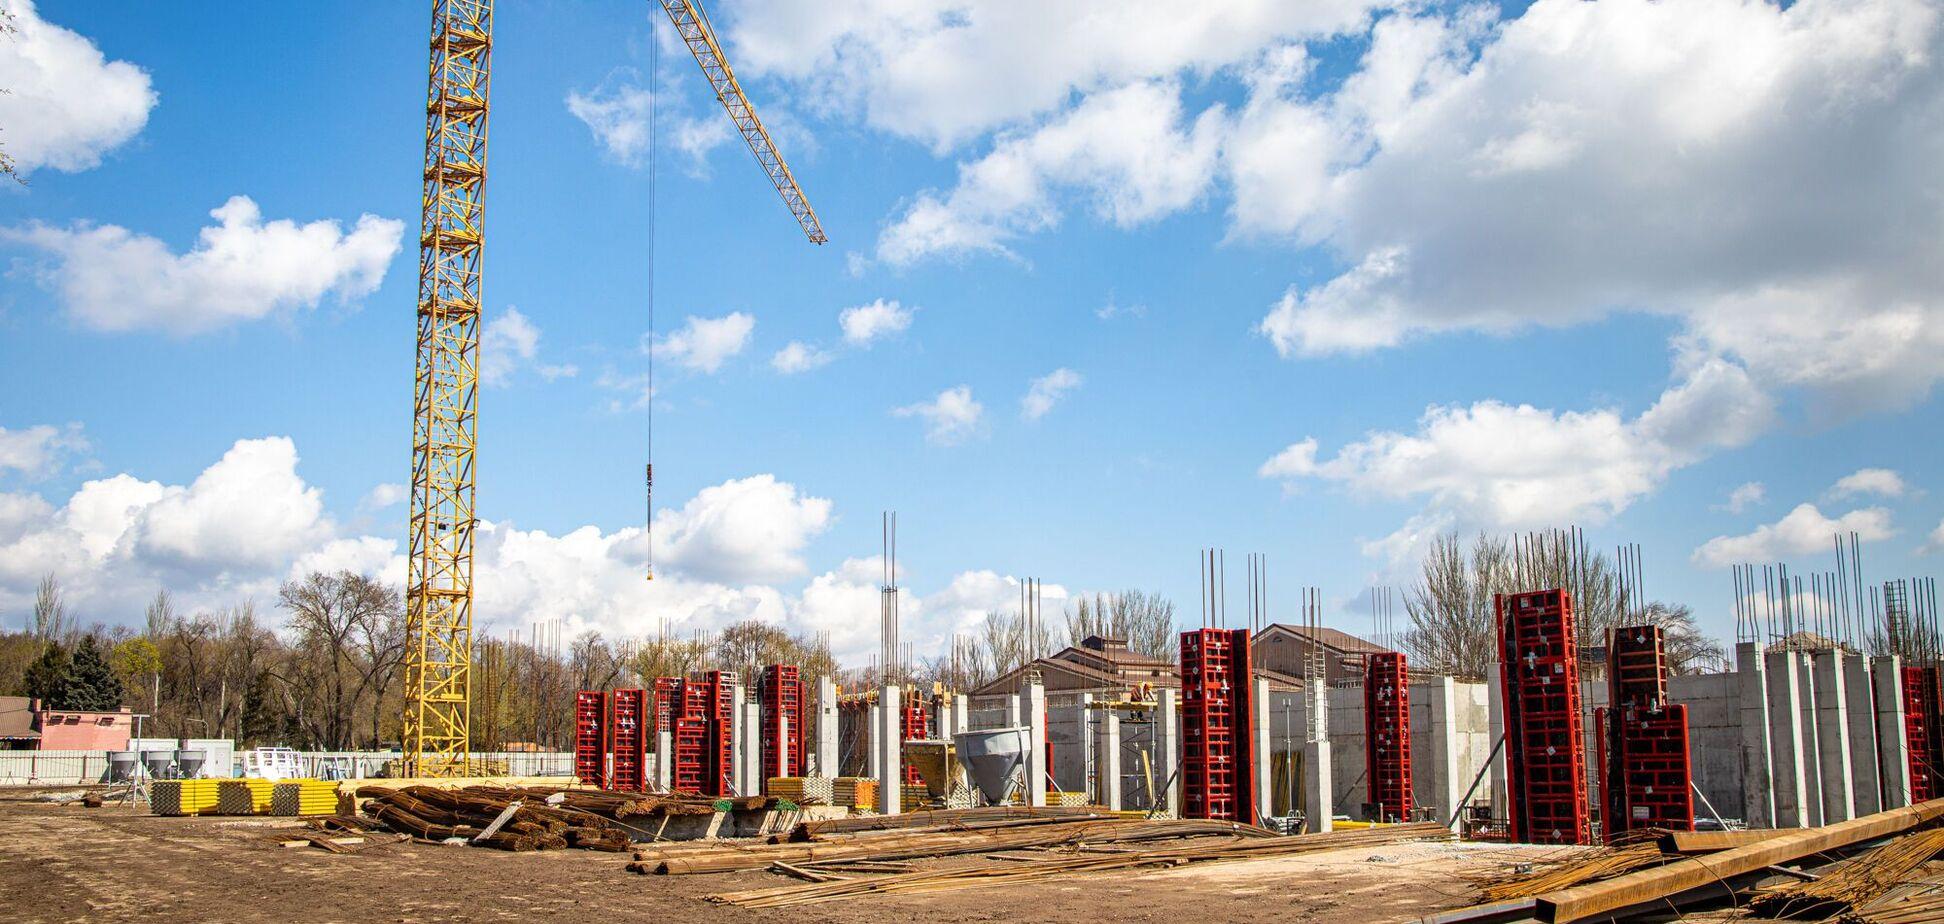 За програмою 'Велике будівництво' у Кривому Розі відроджують стадіон 'Металург'. Фото